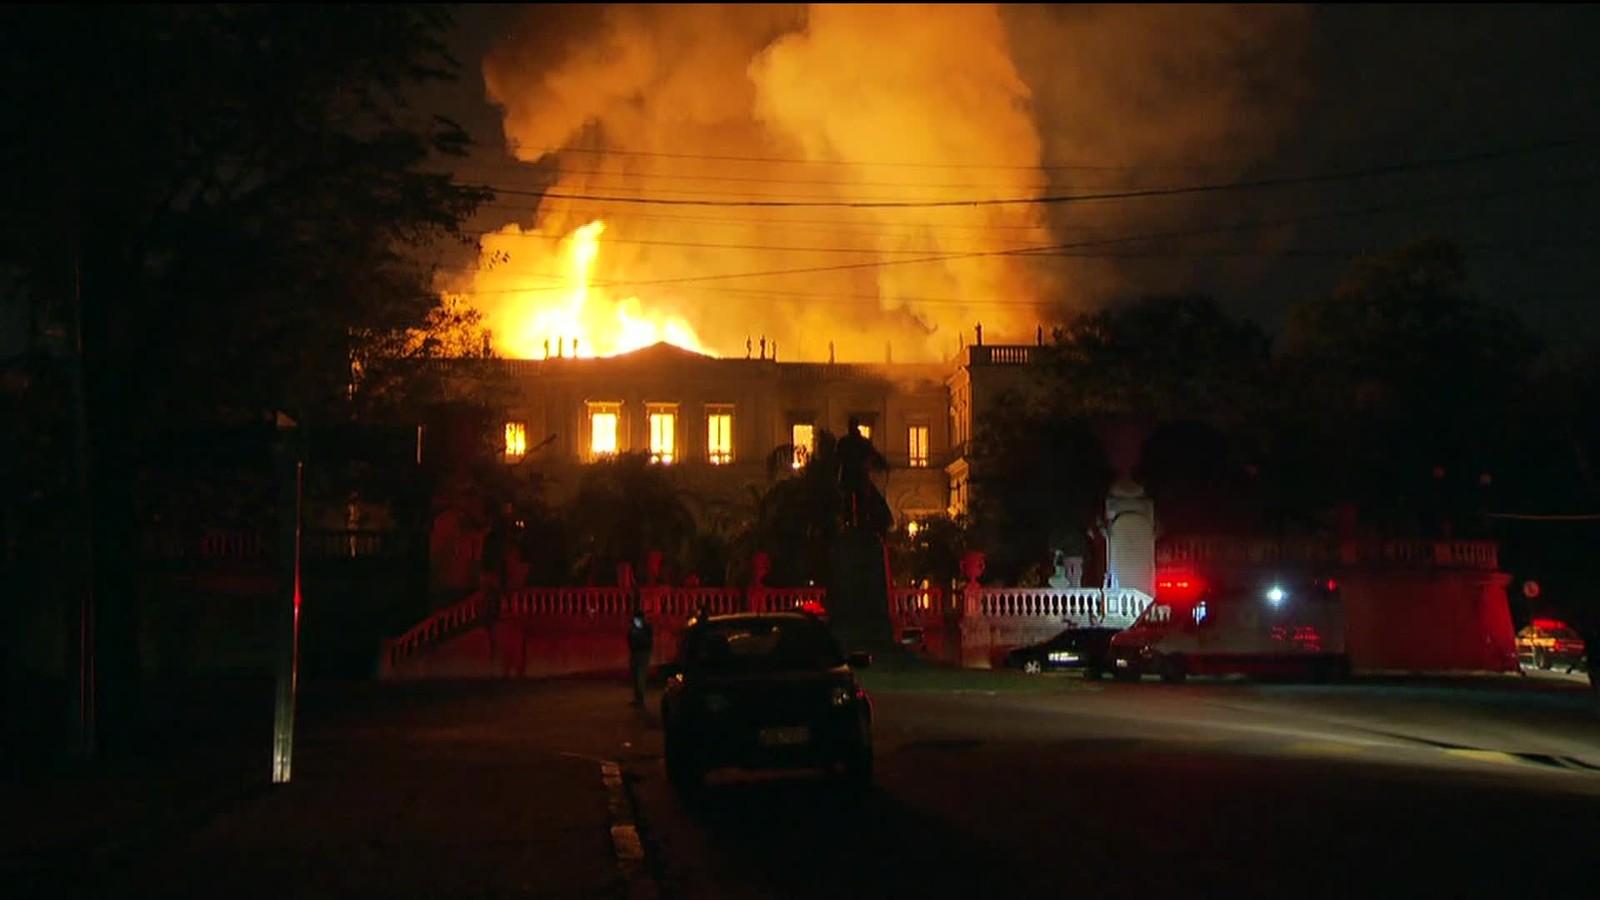 FOTOS: Incêndio destrói Museu Nacional, no Rio